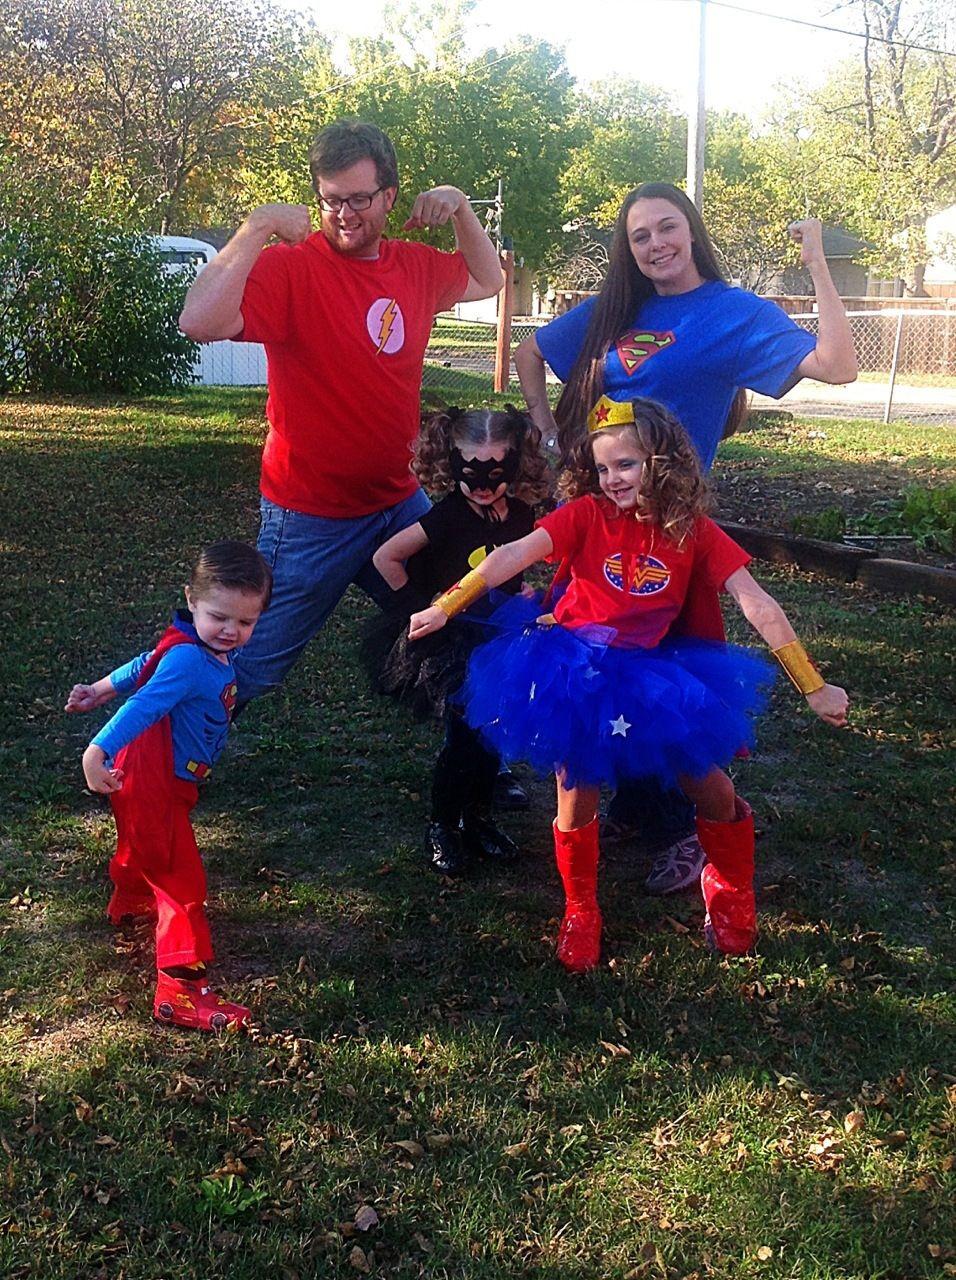 diy supergirl boots plus tutu costume ideas costumes